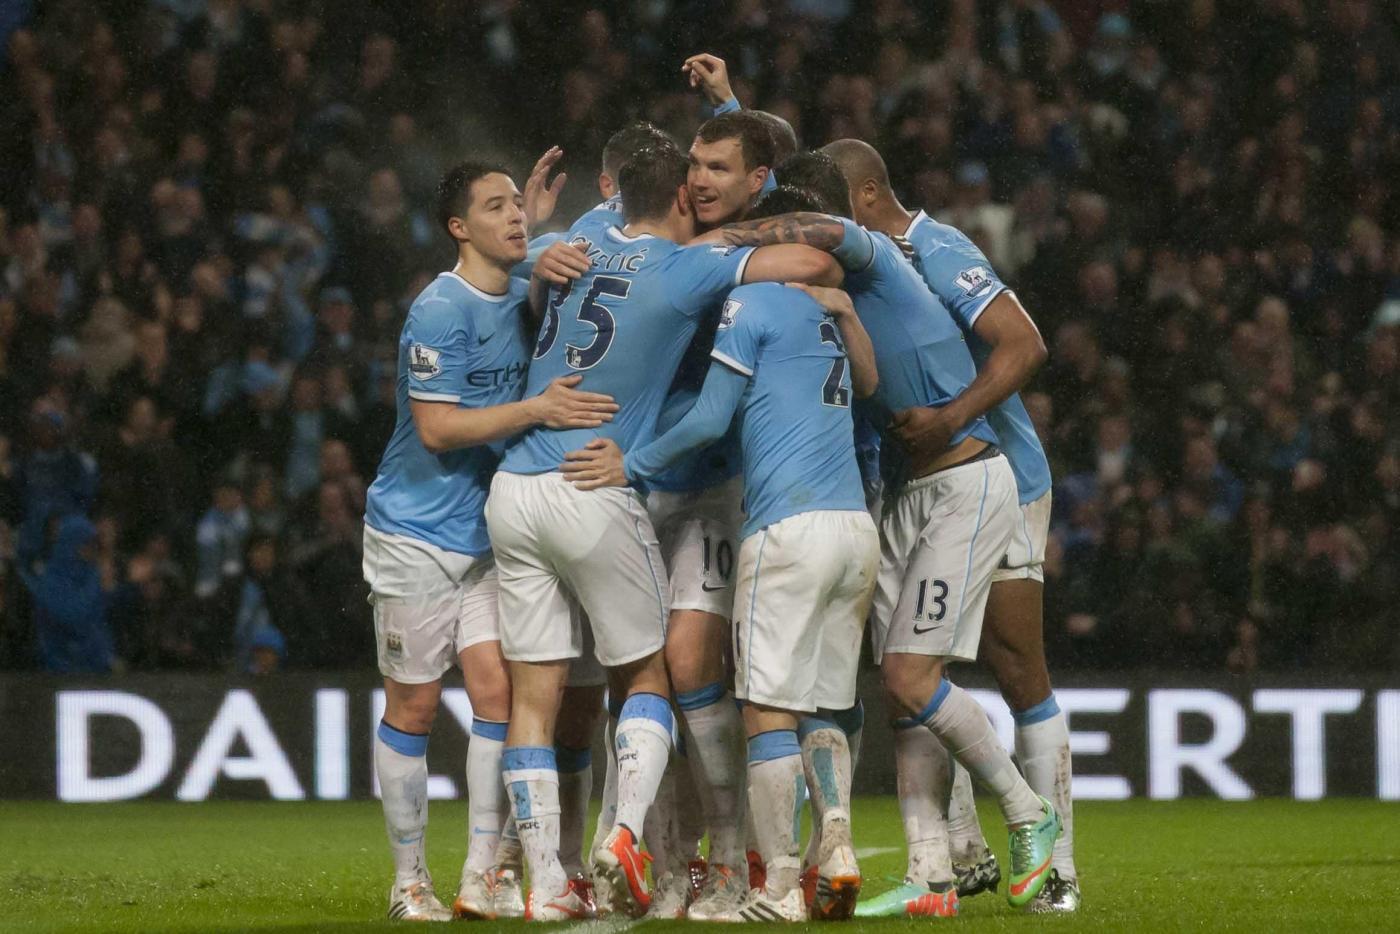 Manchester City campione d'Inghilterra: la quarta Premier League